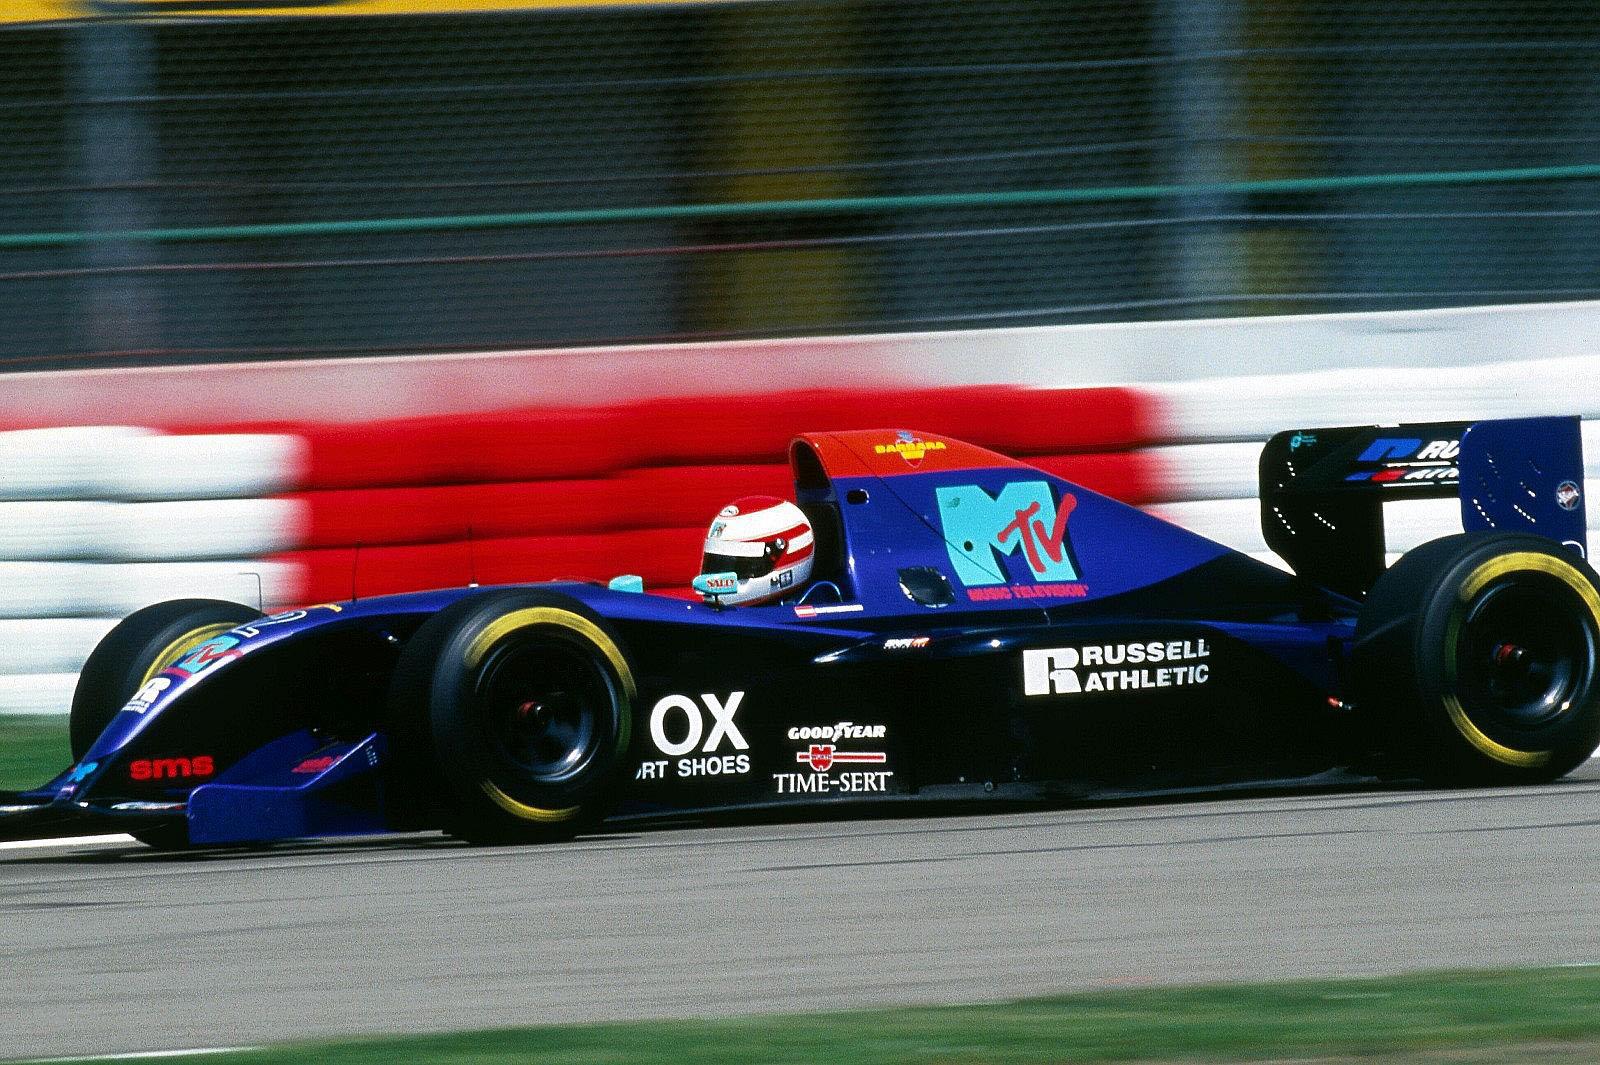 Simtek F1, equipe histórica de Formula 1 de 1994 - by bandeiraverde.com.br